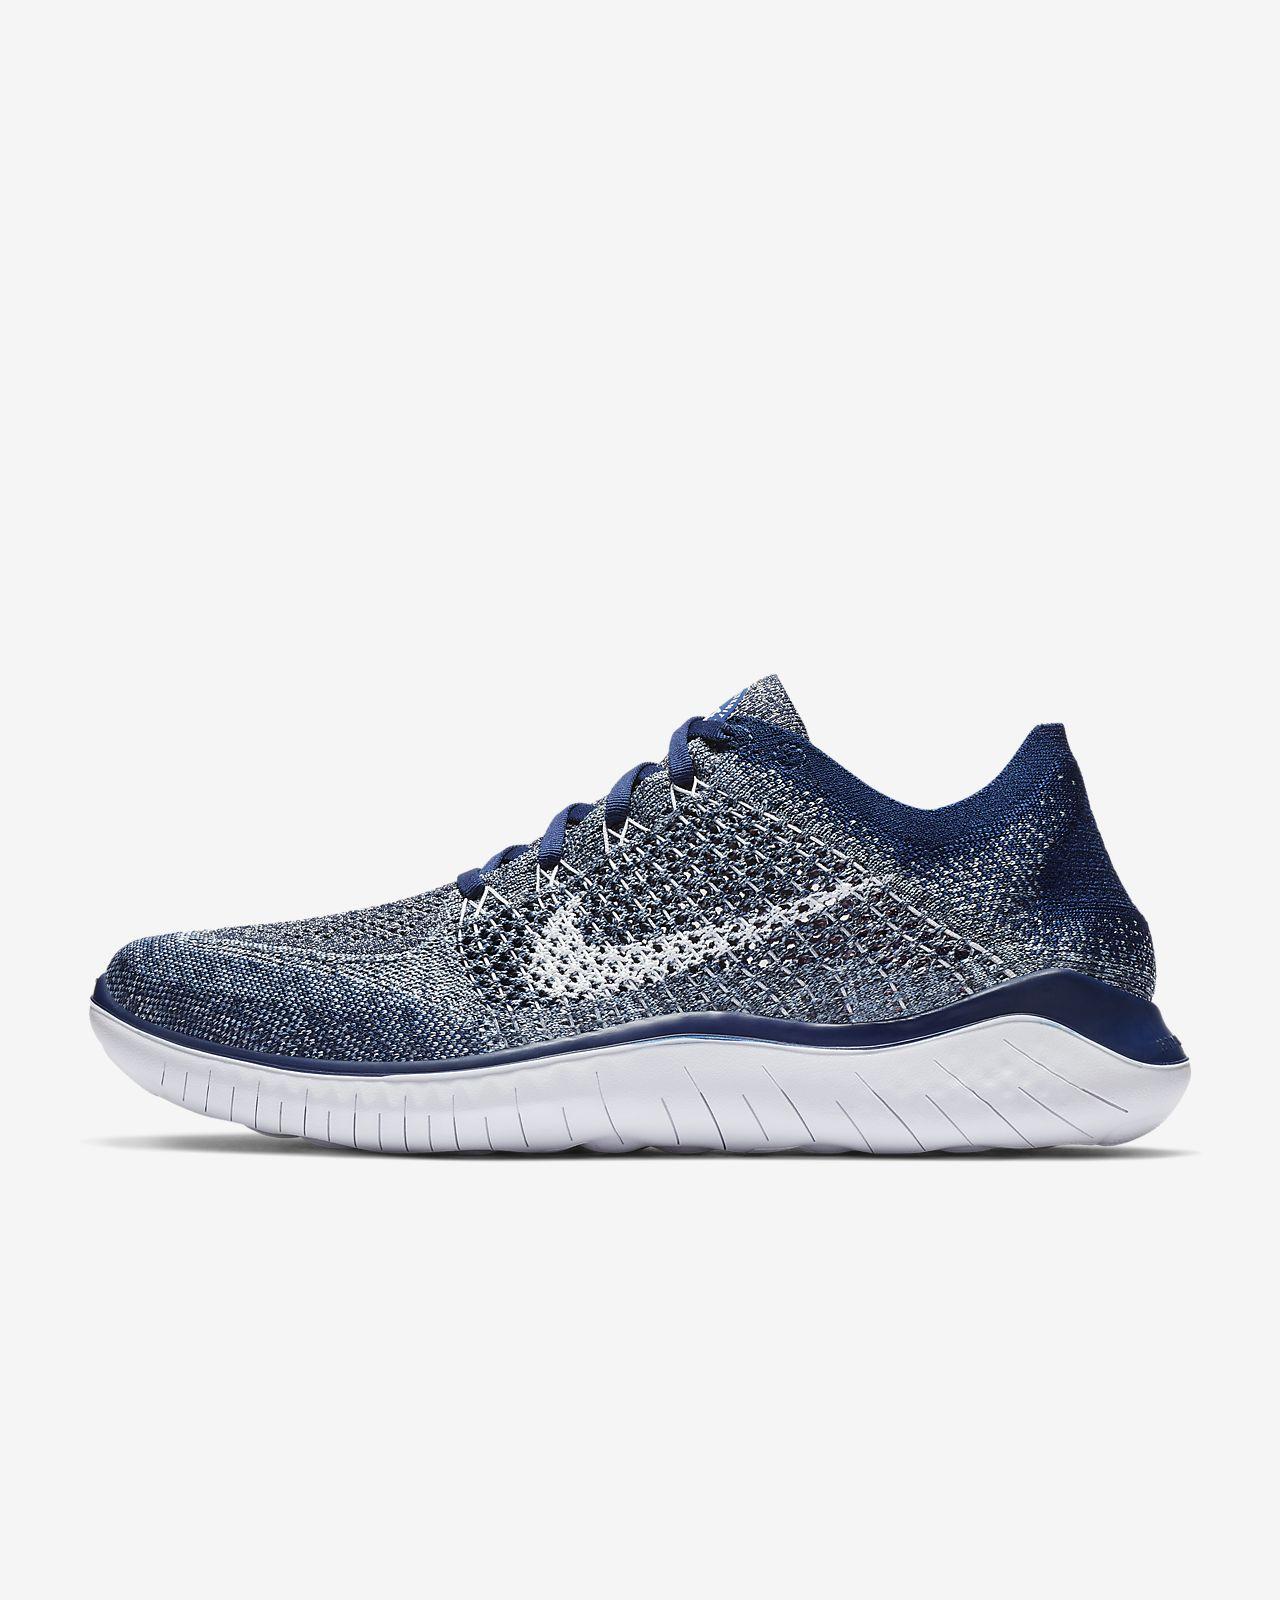 Ανδρικό παπούτσι για τρέξιμο Nike Free RN Flyknit 2018. Nike.com GR b6ece9a51a0